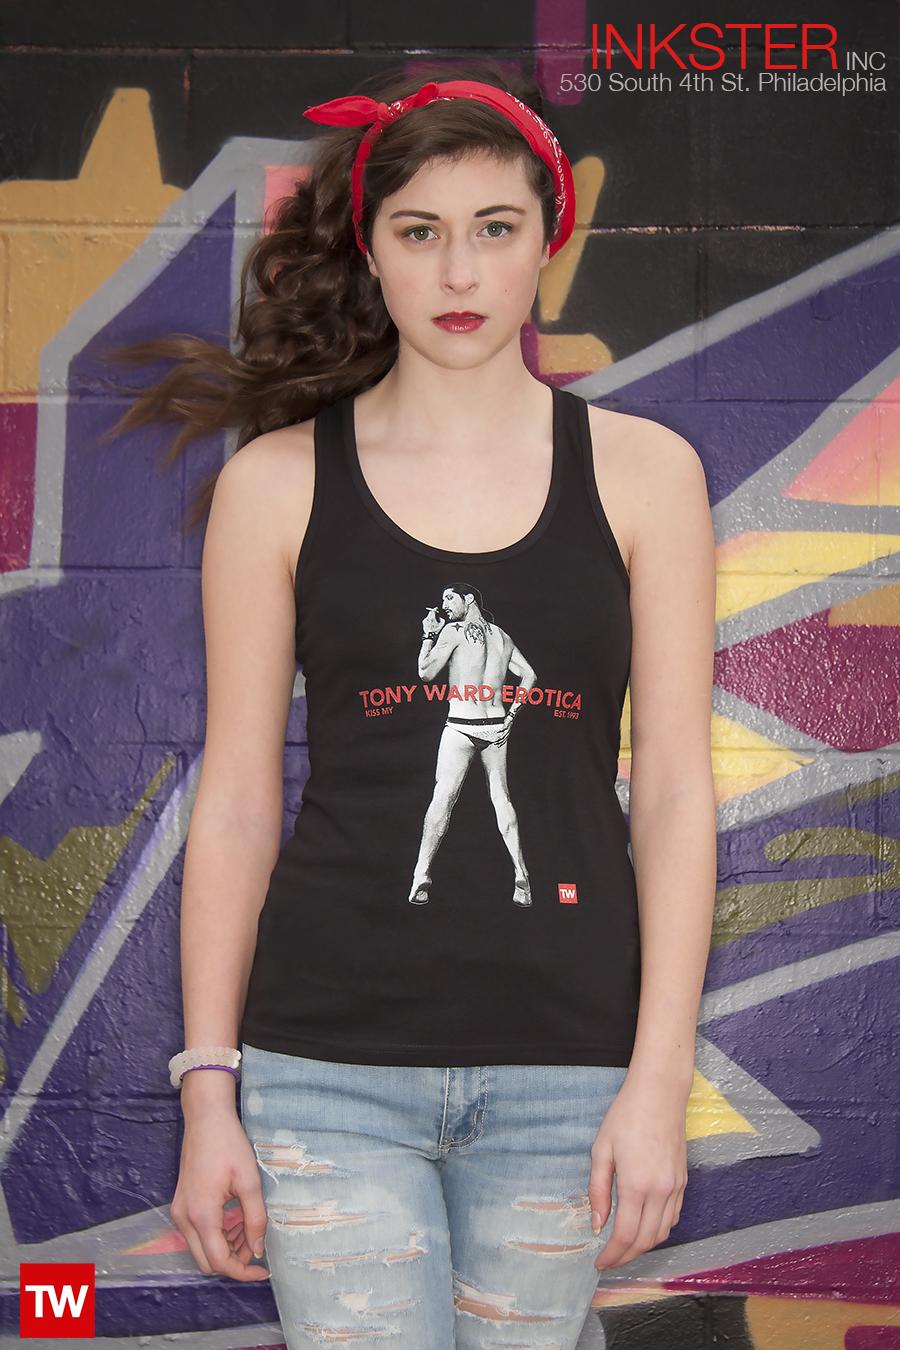 Tony Ward Erotica T-shirt ad new kiss my tee